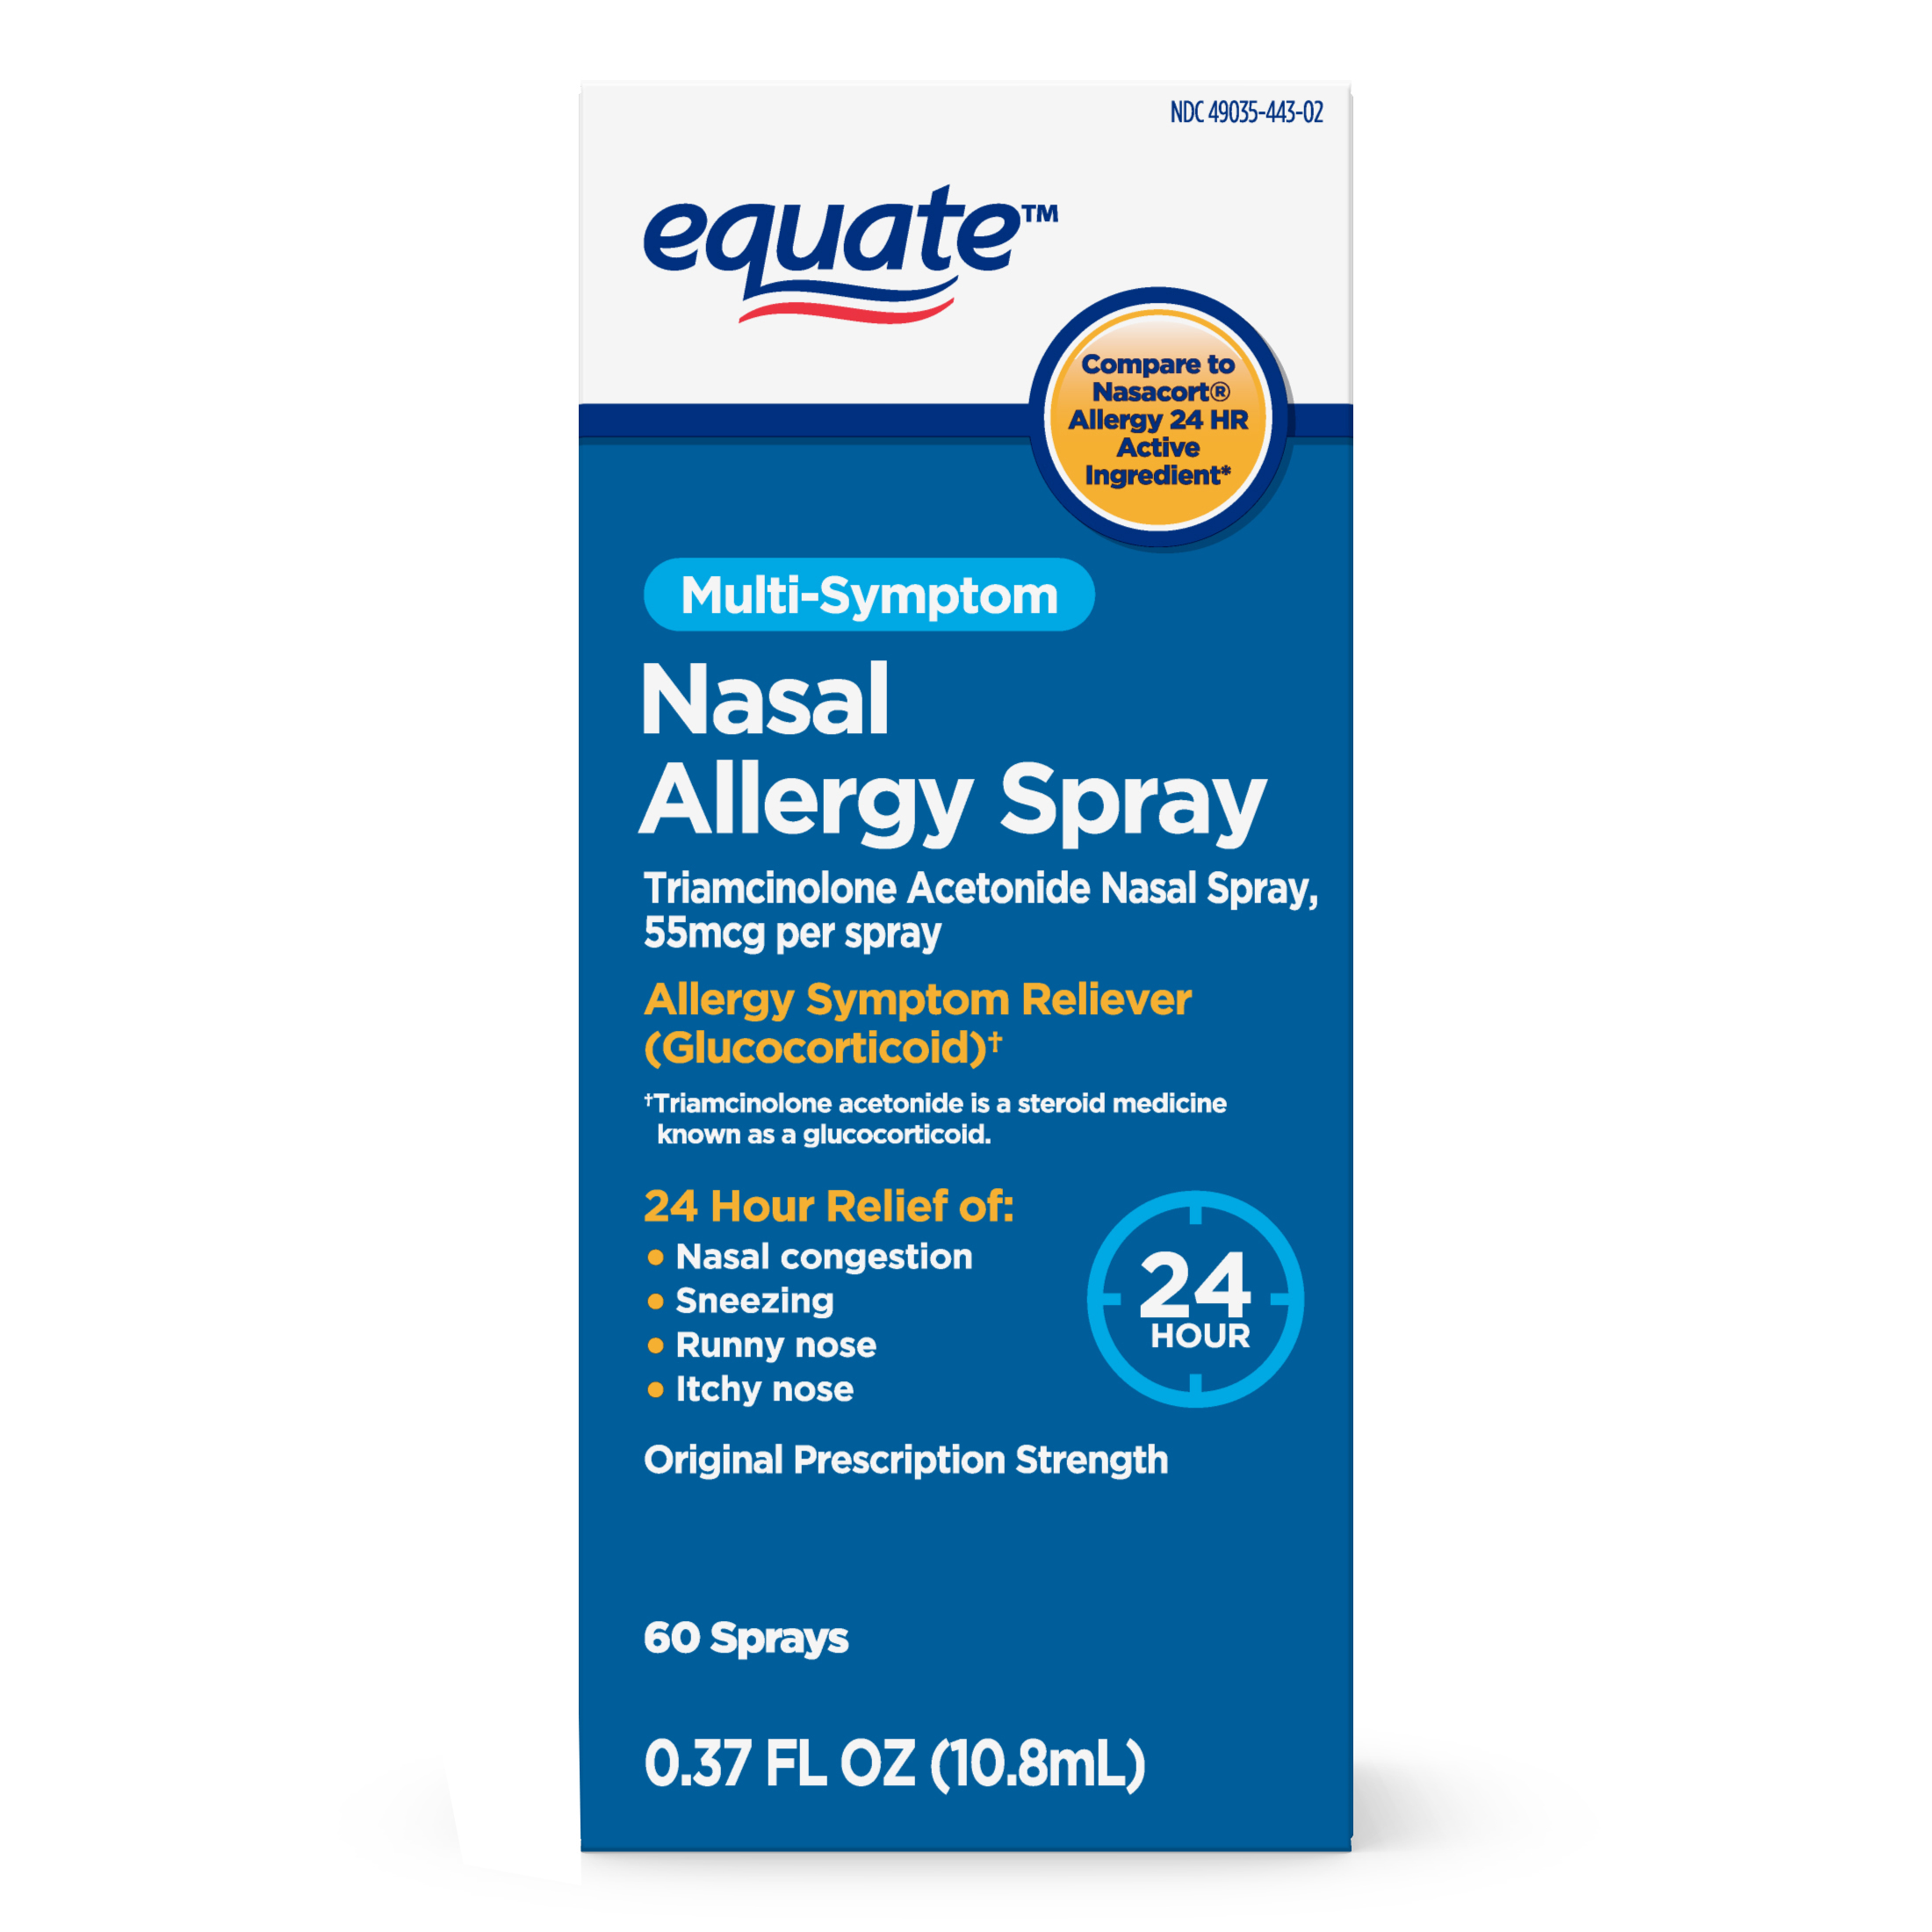 Equate Multi-Symptom Nasal Allergy Spray, 60 Sprays, 0.37 fl oz